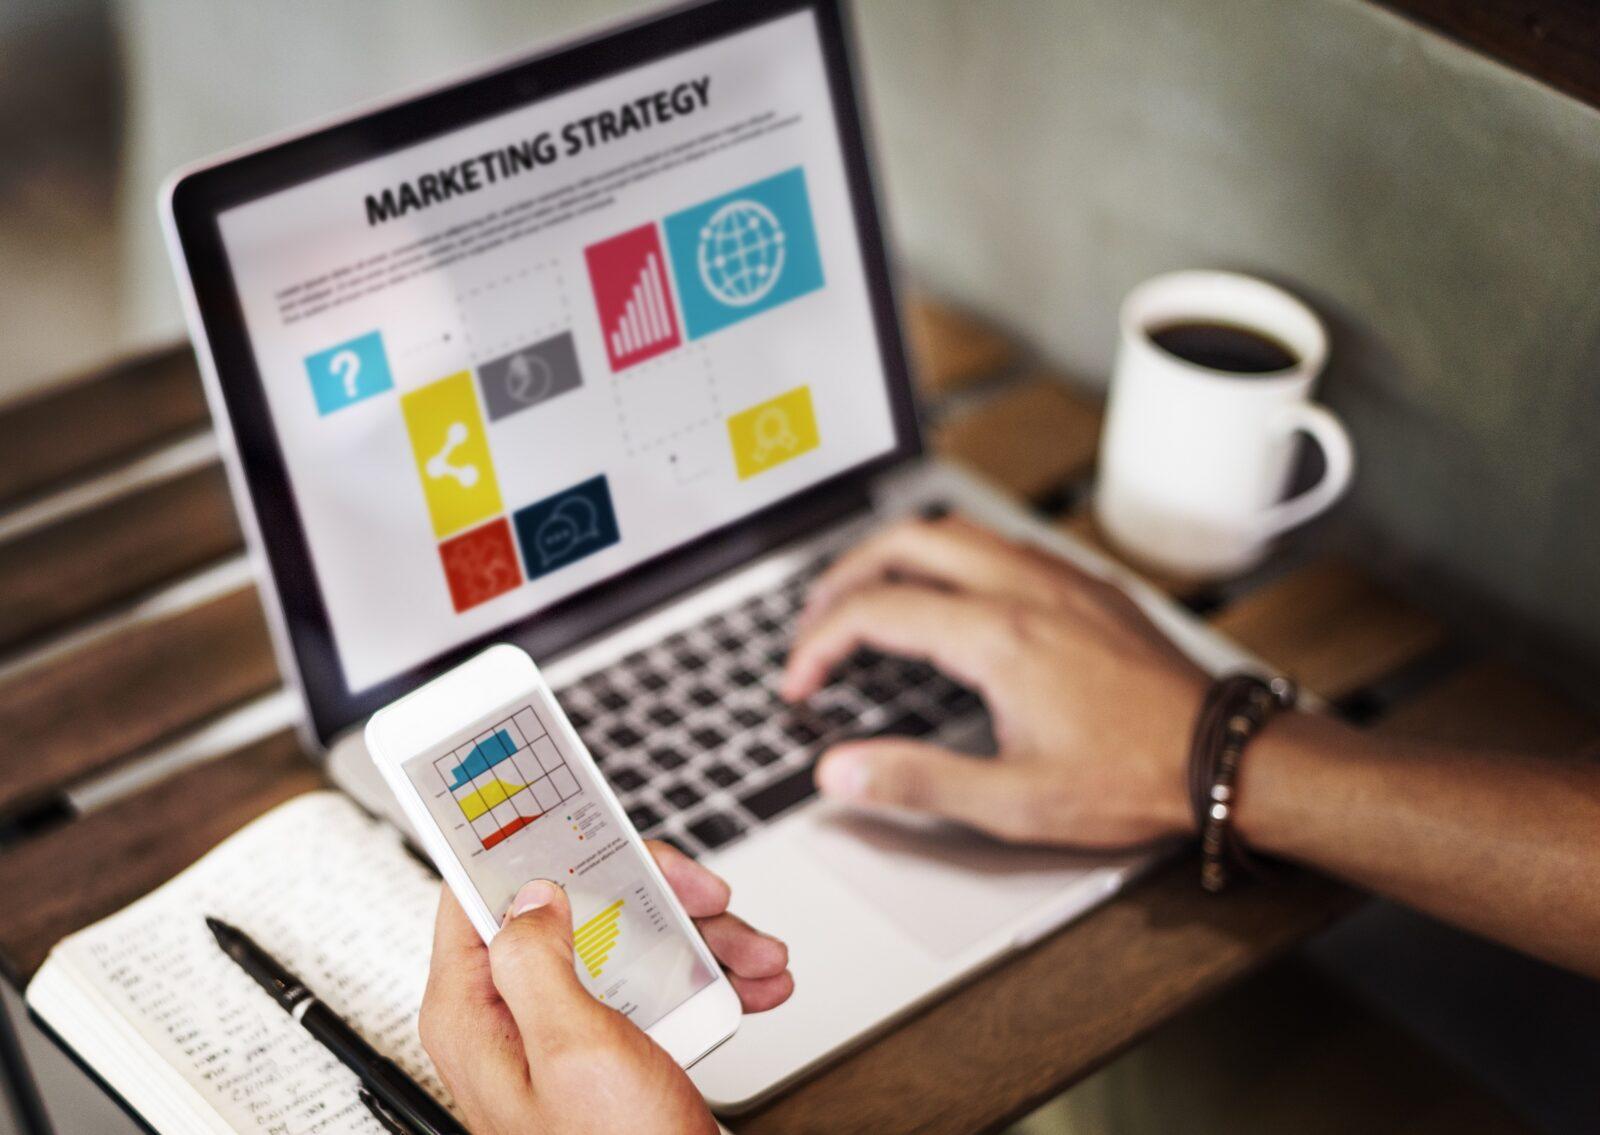 тренды интернет-маркетинга в 2021 году как продвигать бизнес в 2021 году